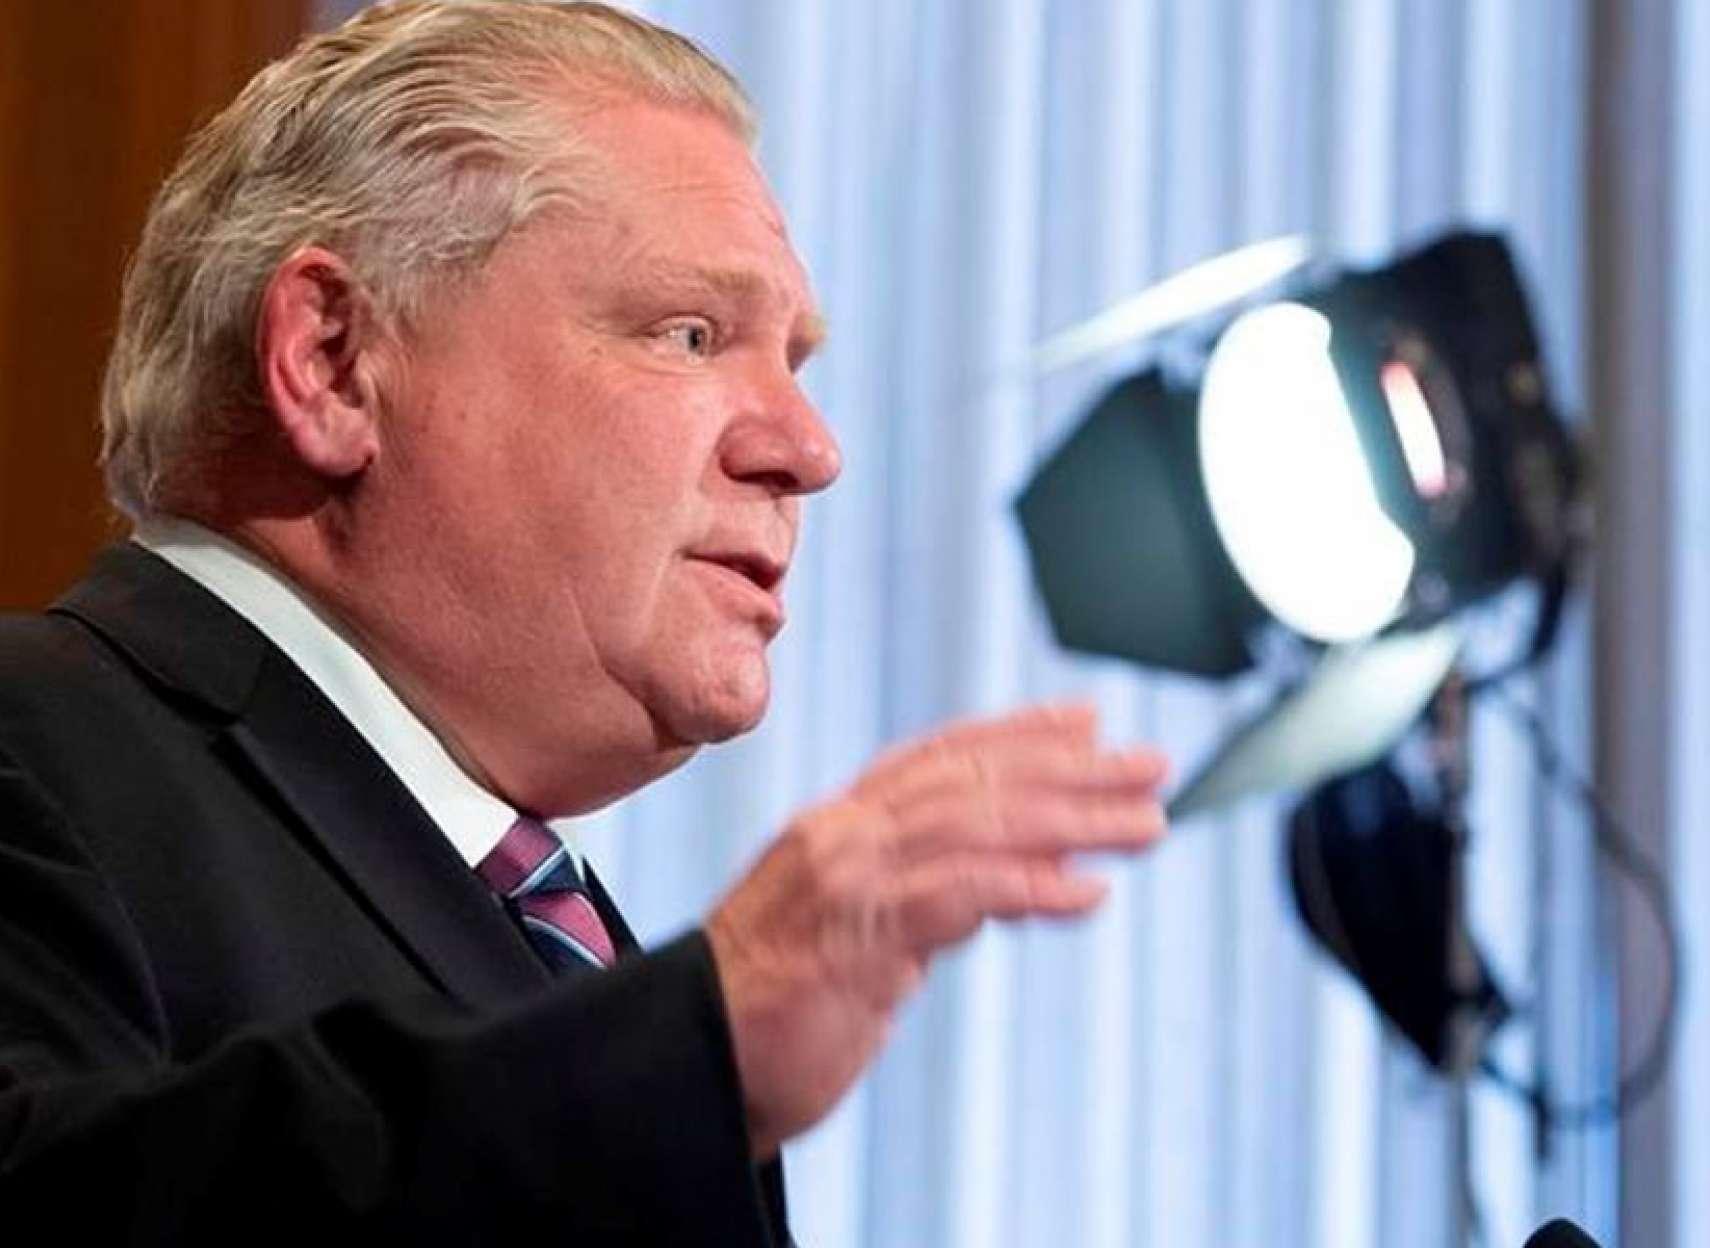 اخبار-تورنتو-اعلان-بازگشایی-سه-مرحله-ای-انتاریو-پس-از-کرونا